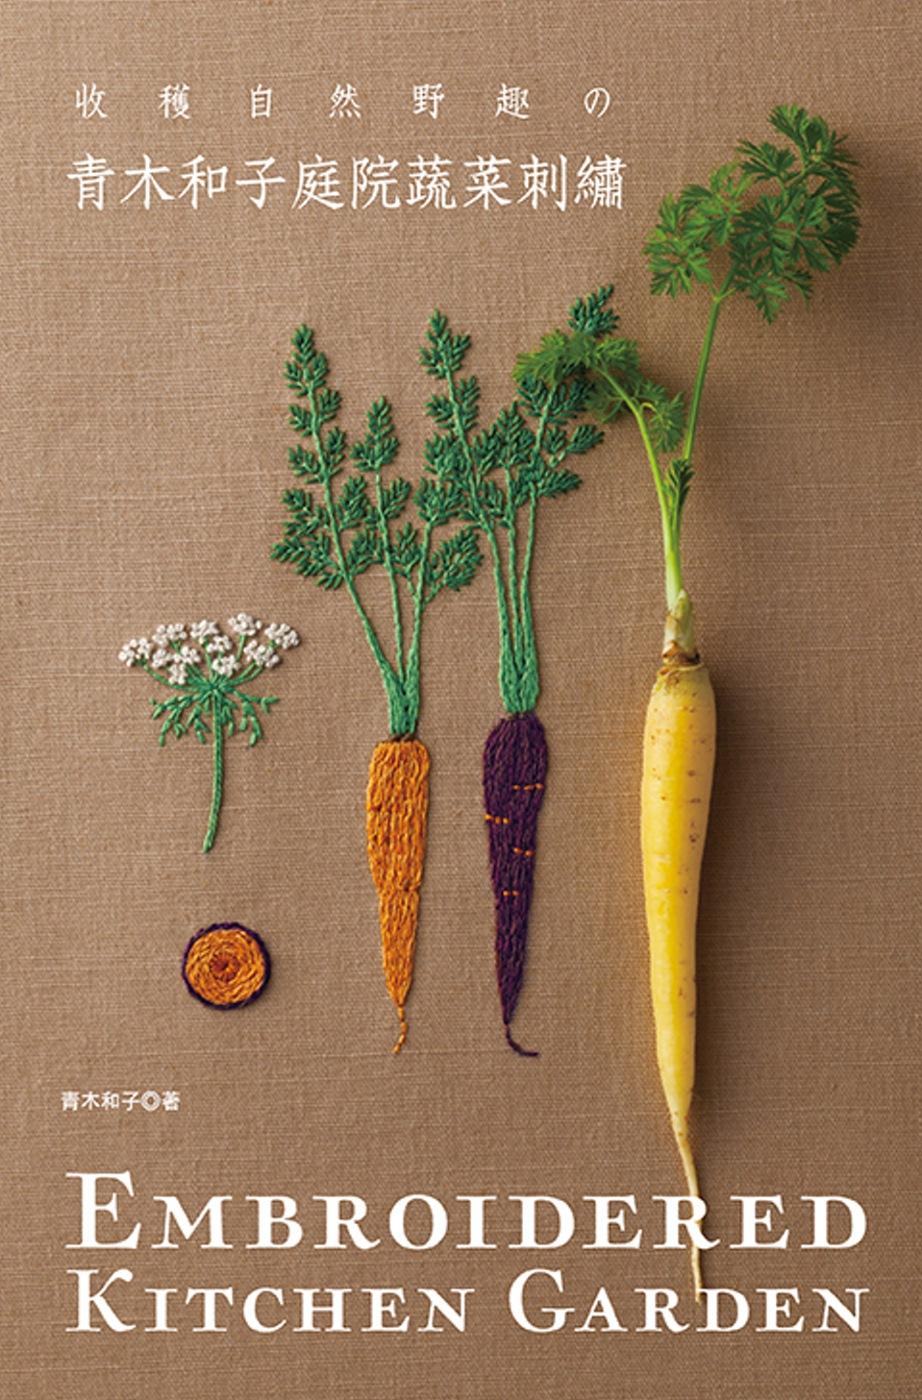 ◤博客來BOOKS◢ 暢銷書榜《推薦》青木和子庭院蔬菜刺繡